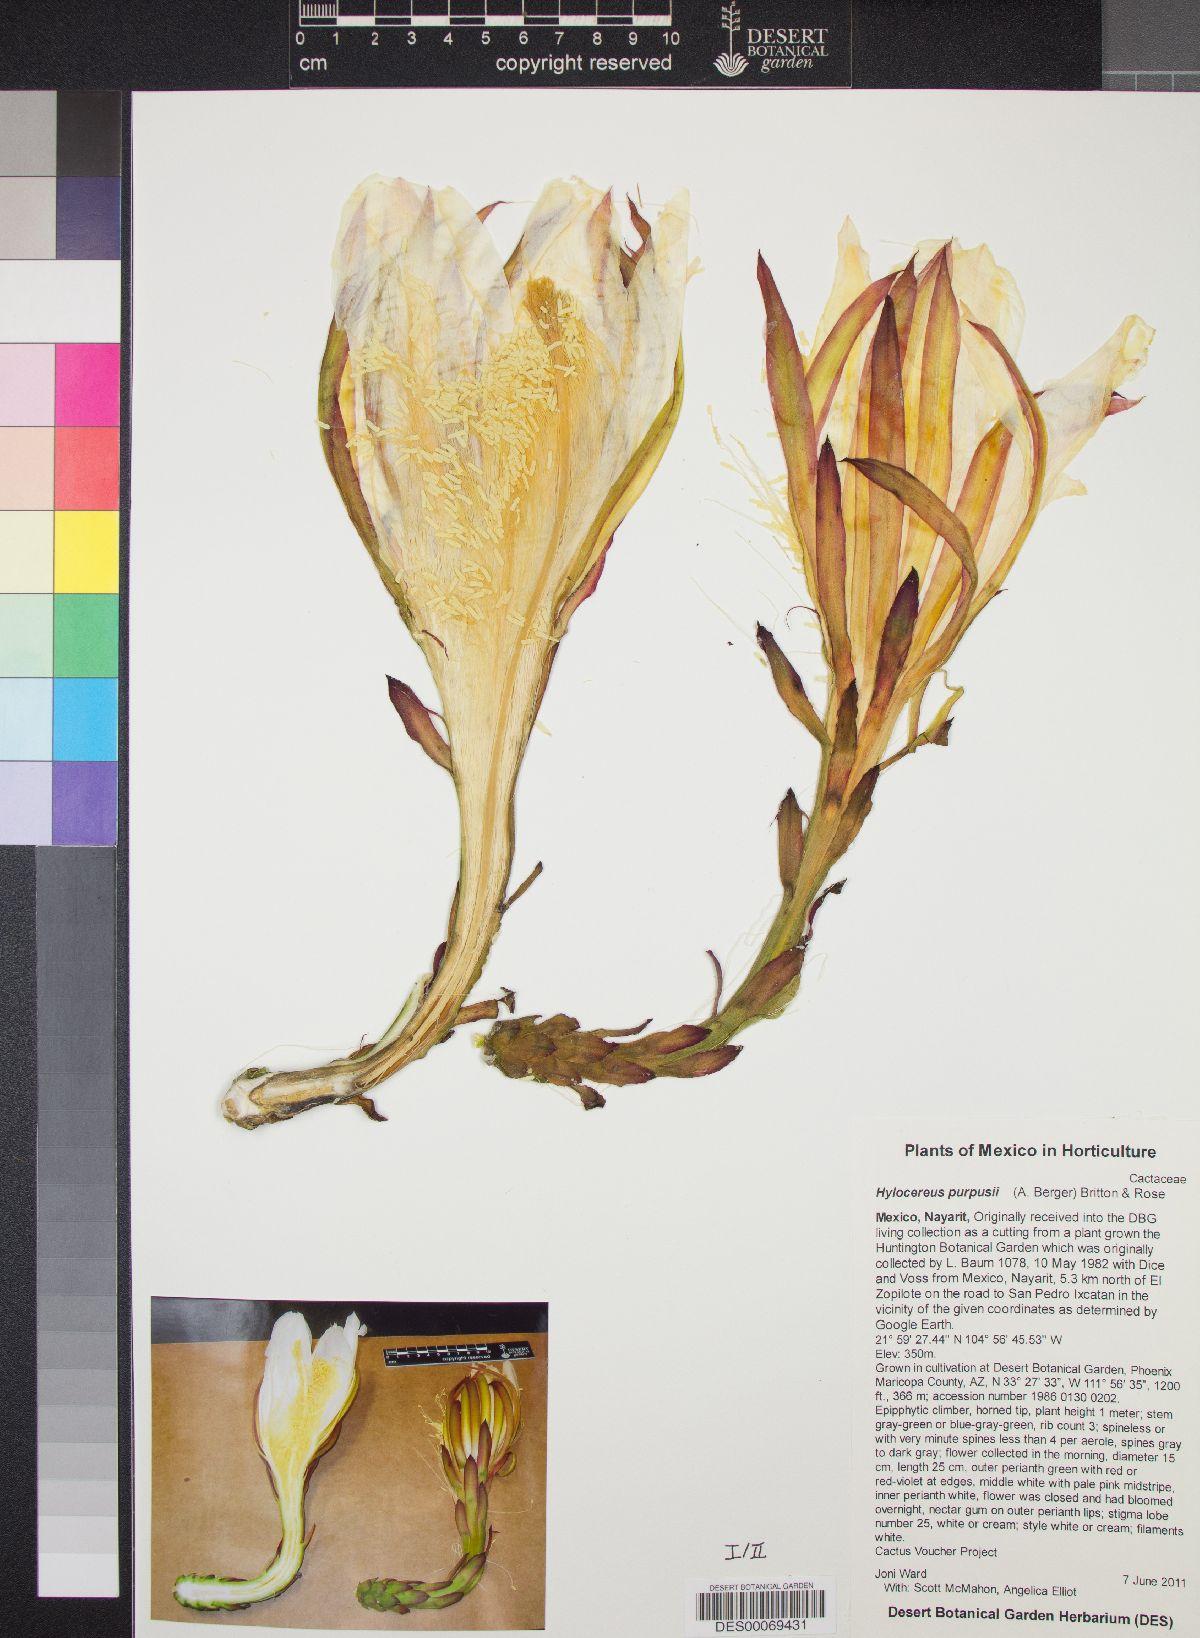 Hylocereus purpusii image